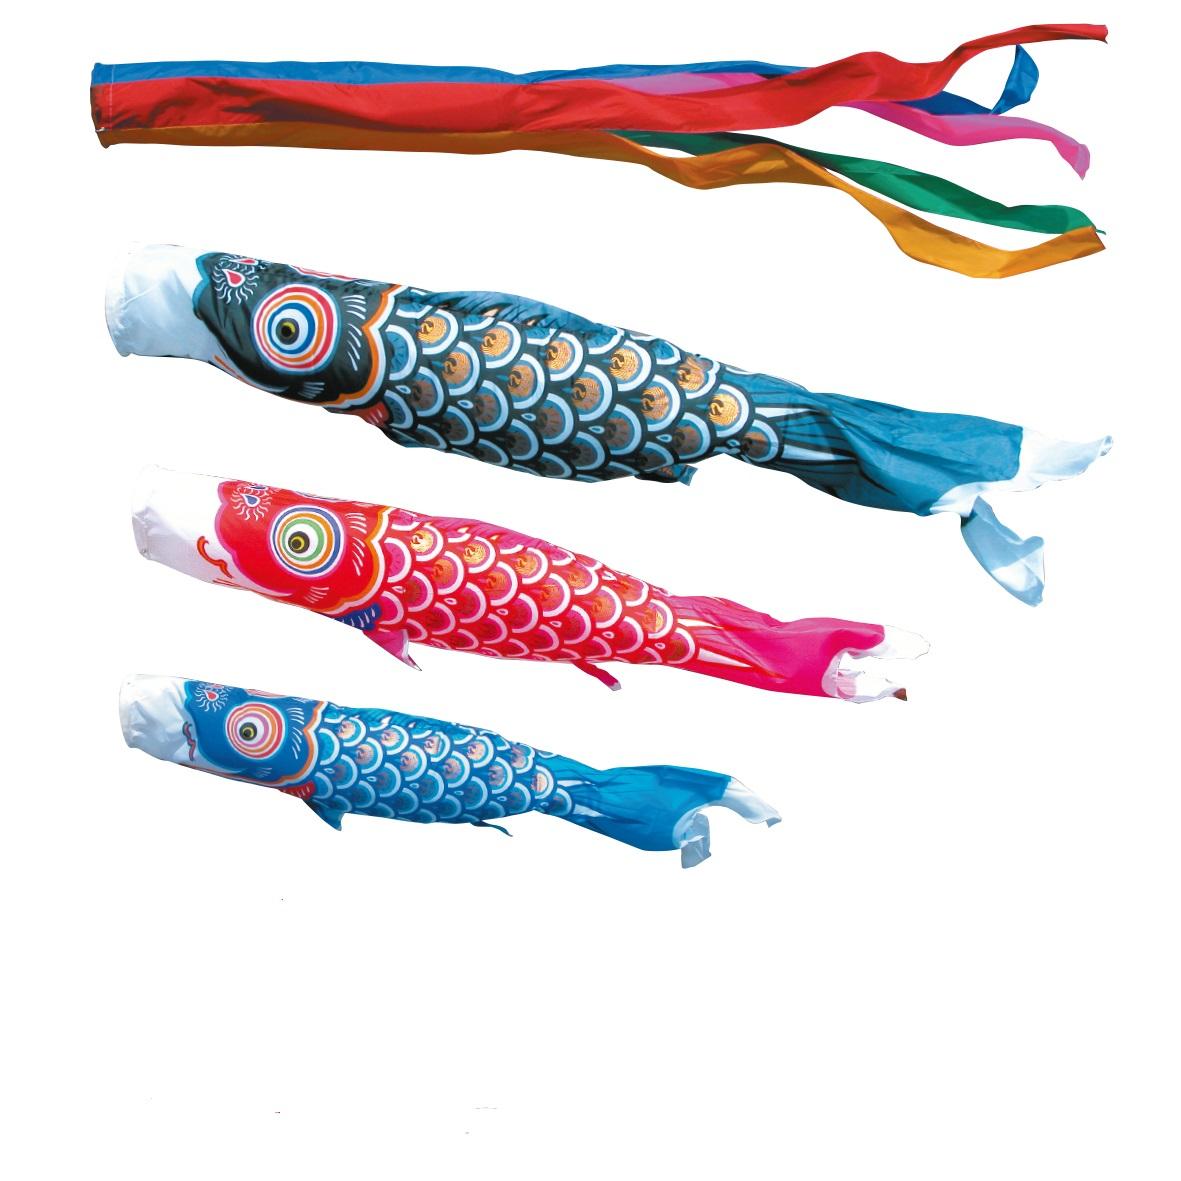 【子守唄CDプレゼント】庭園用 こいのぼりゴールド鯉5m6点セット(こいのぼり)(徳永鯉)鯉のぼり 鯉幟